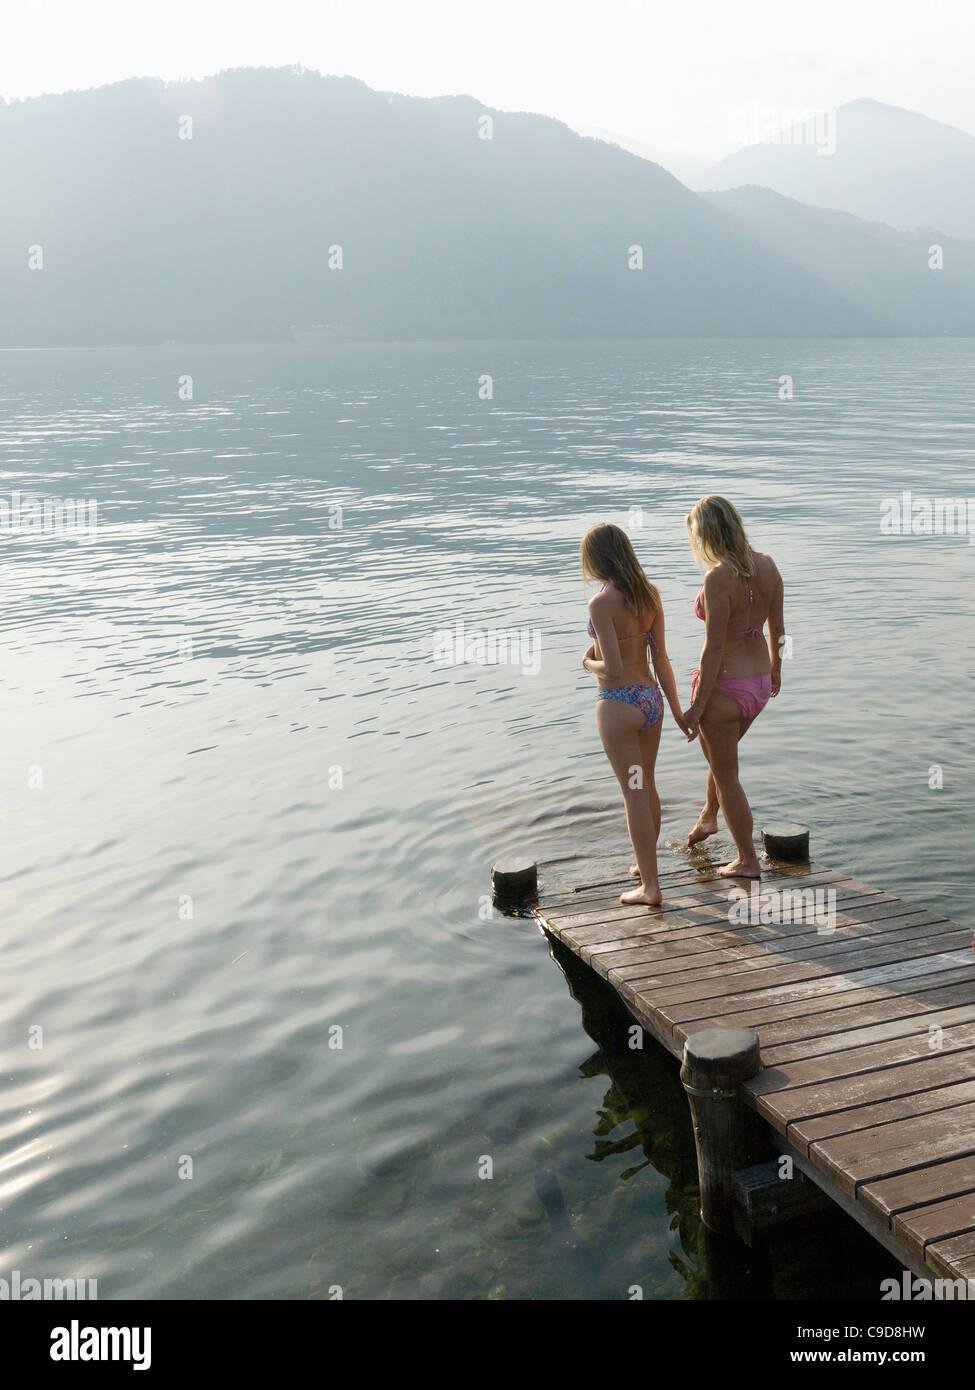 Italia, Piamonte, el lago de Orta, madre e hija, en análisis de agua en el borde del lago Imagen De Stock